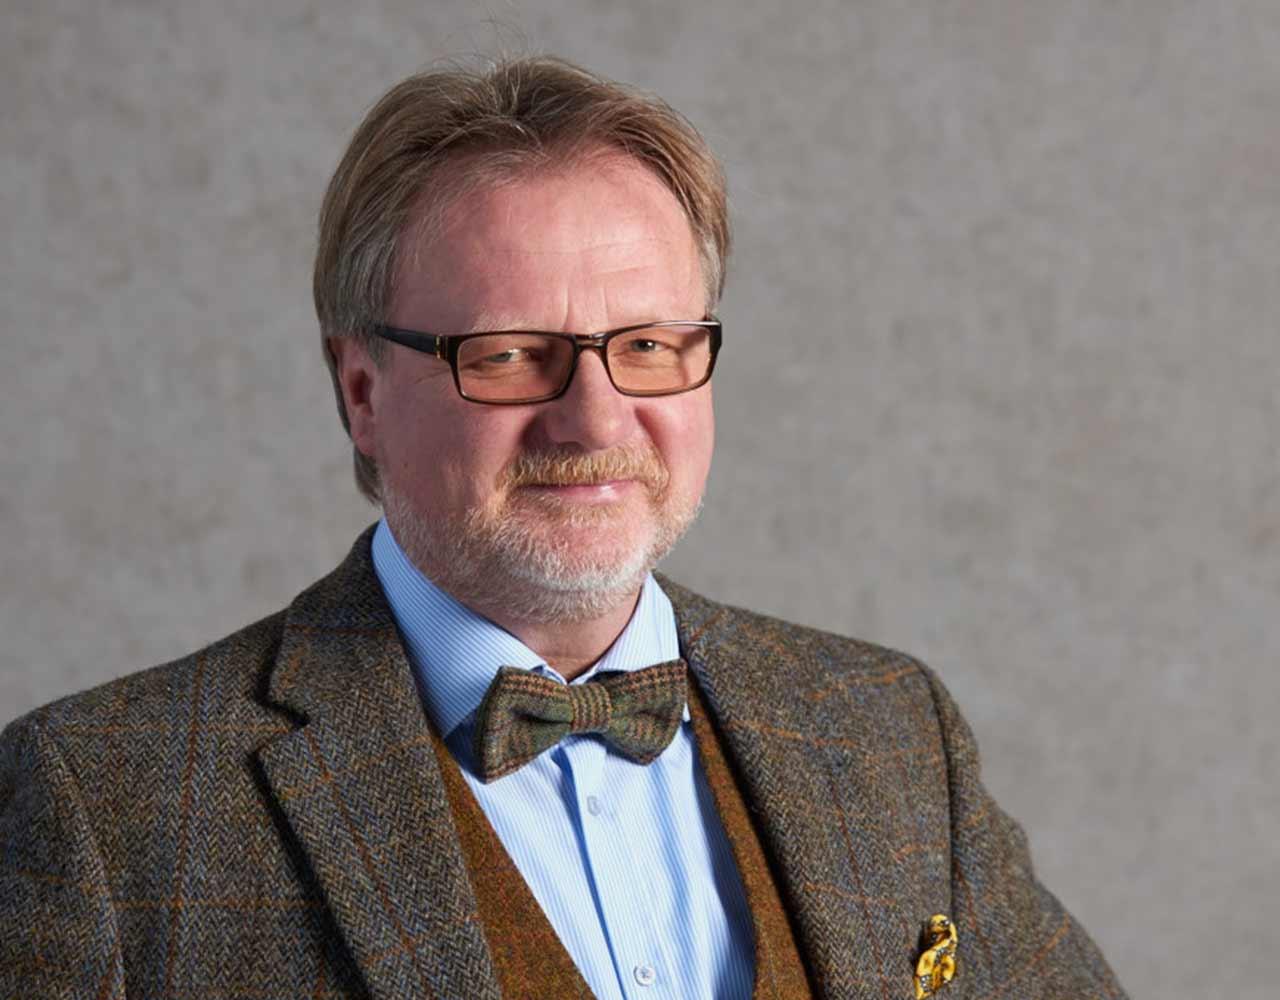 Wolfgang Bachmann